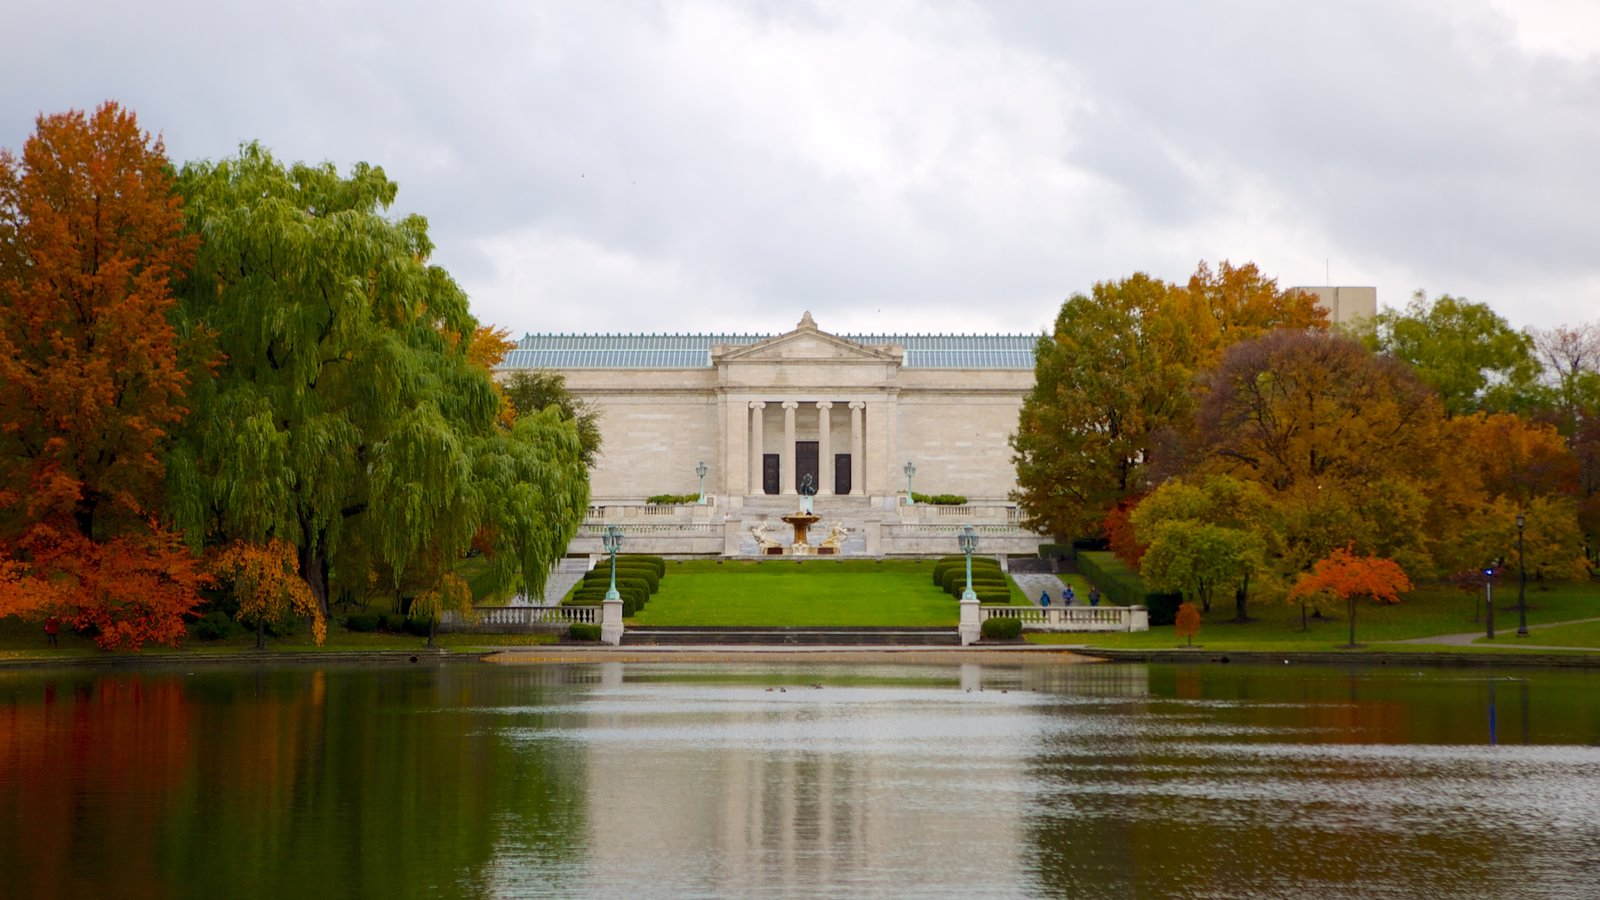 Cleveland Museum of Art que inclui arquitetura de patrimônio, um lago e folhas de outono